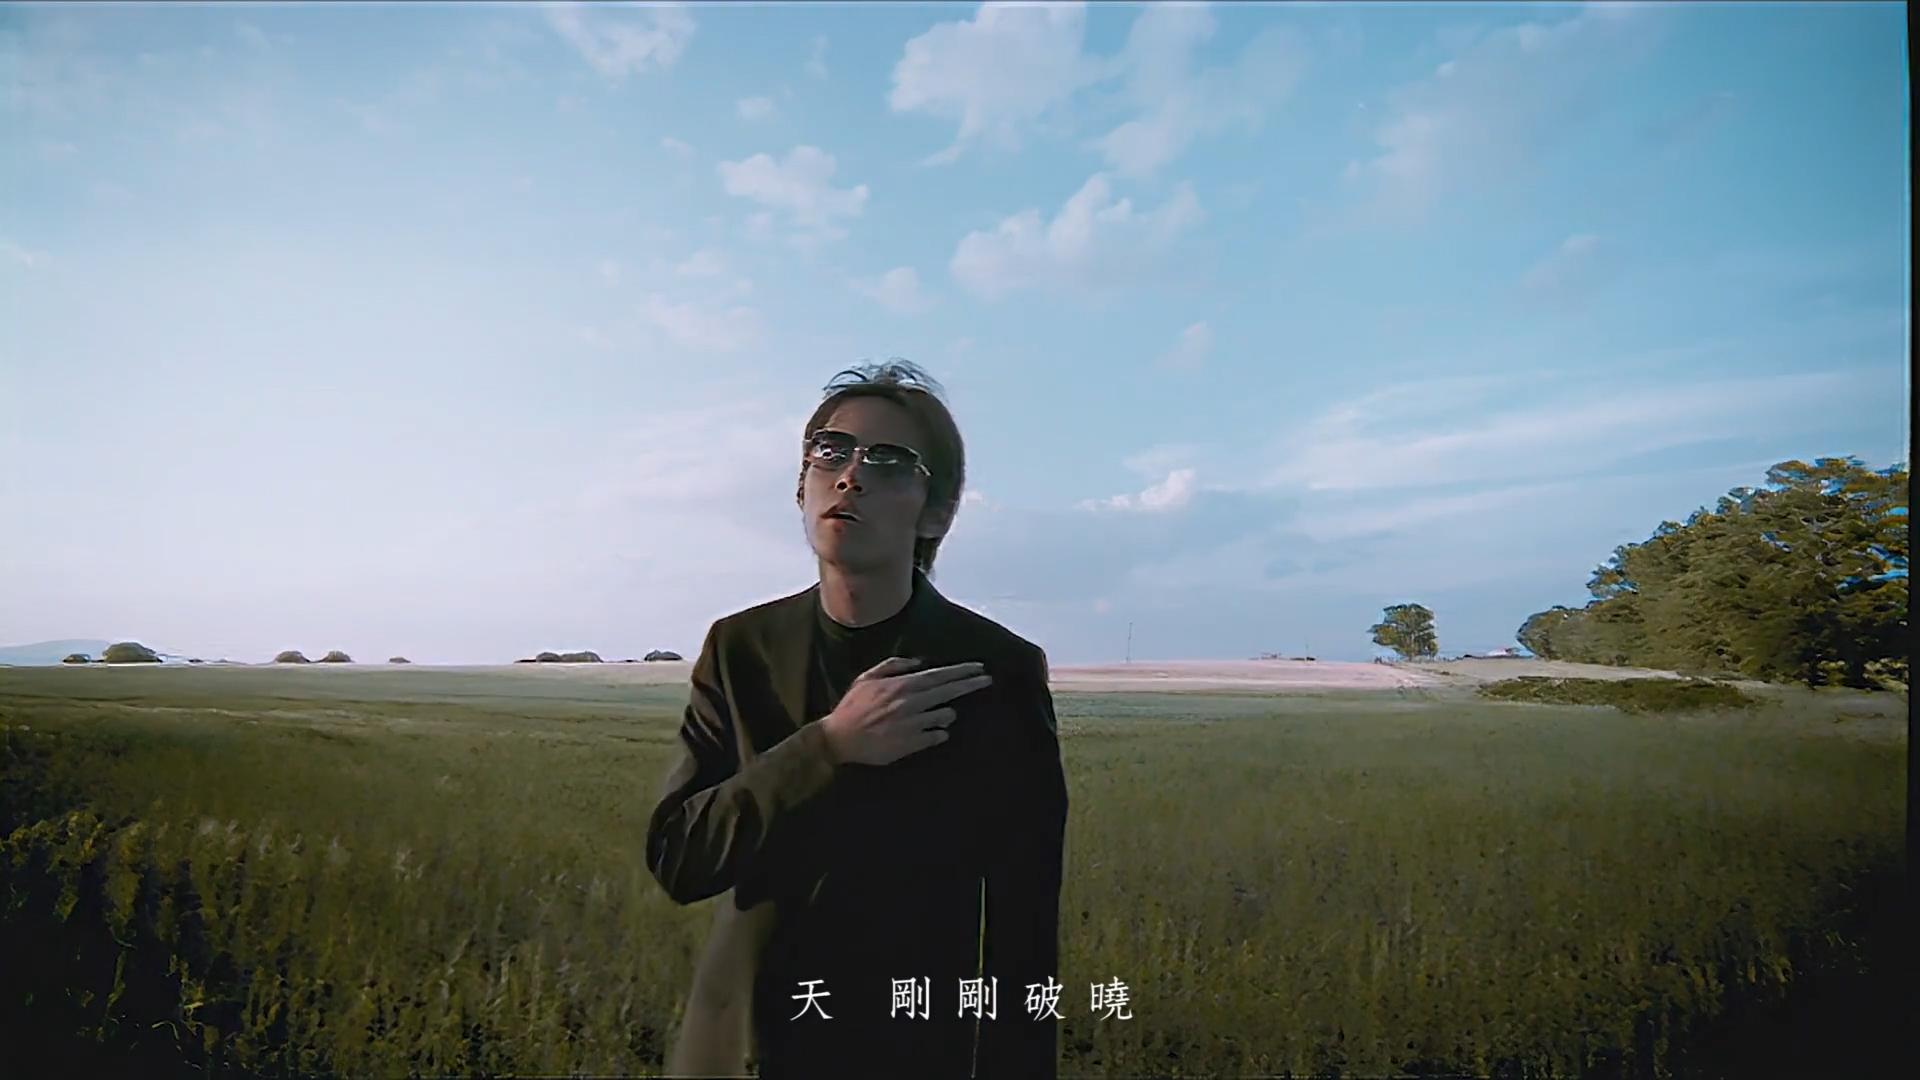 华语歌坛史上堪称业界天花板的五首作品,你都认可吗?